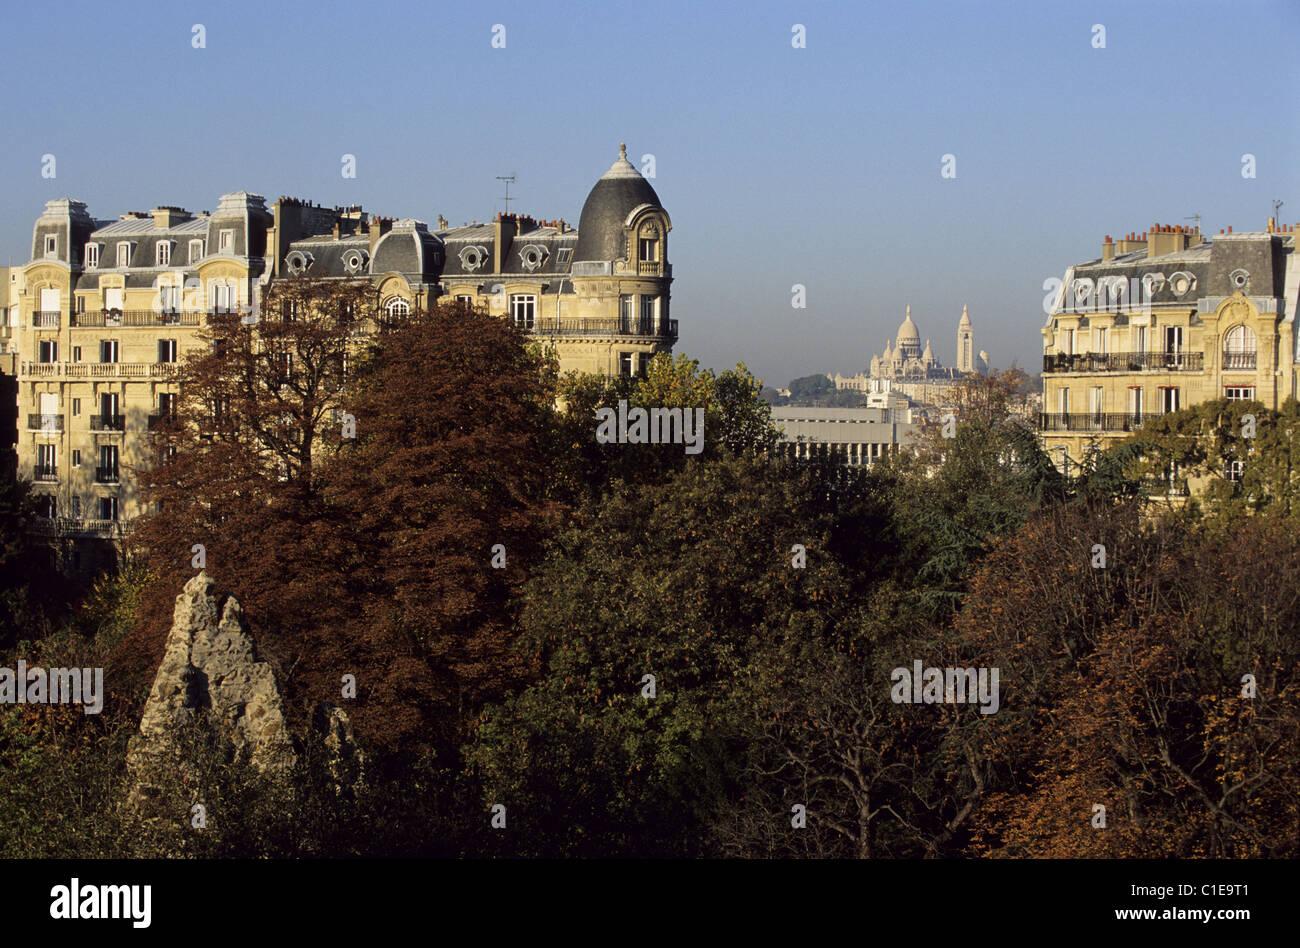 France, Paris, Parc des Buttes Chaumont et dans les bâtiments de style Haussmannien post sur la rue Manin Banque D'Images